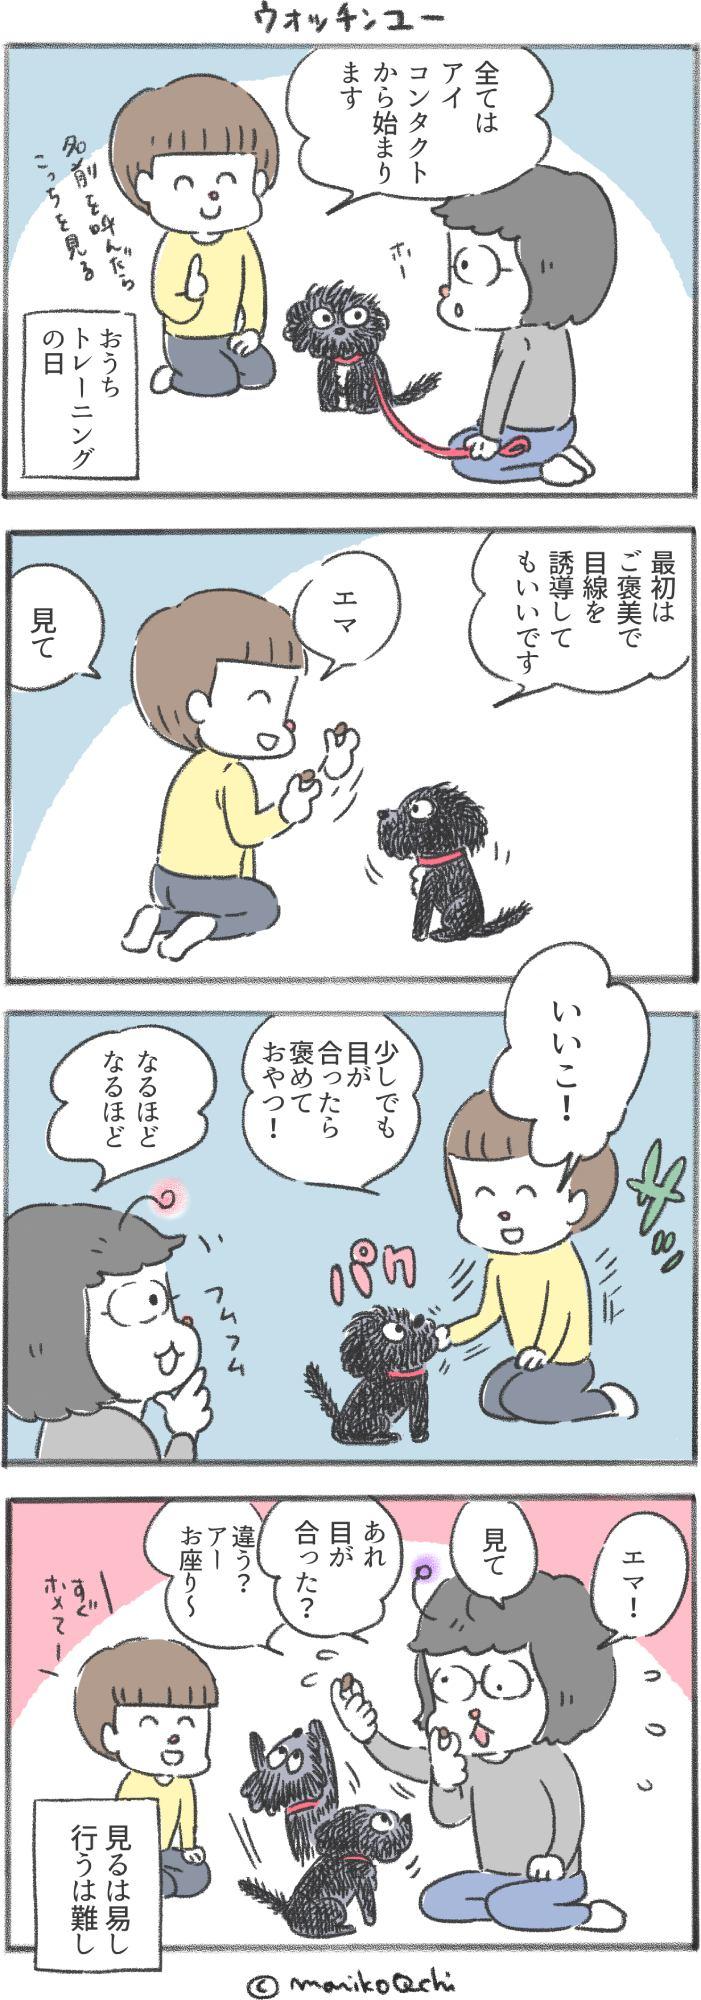 犬と暮らせば 第148話